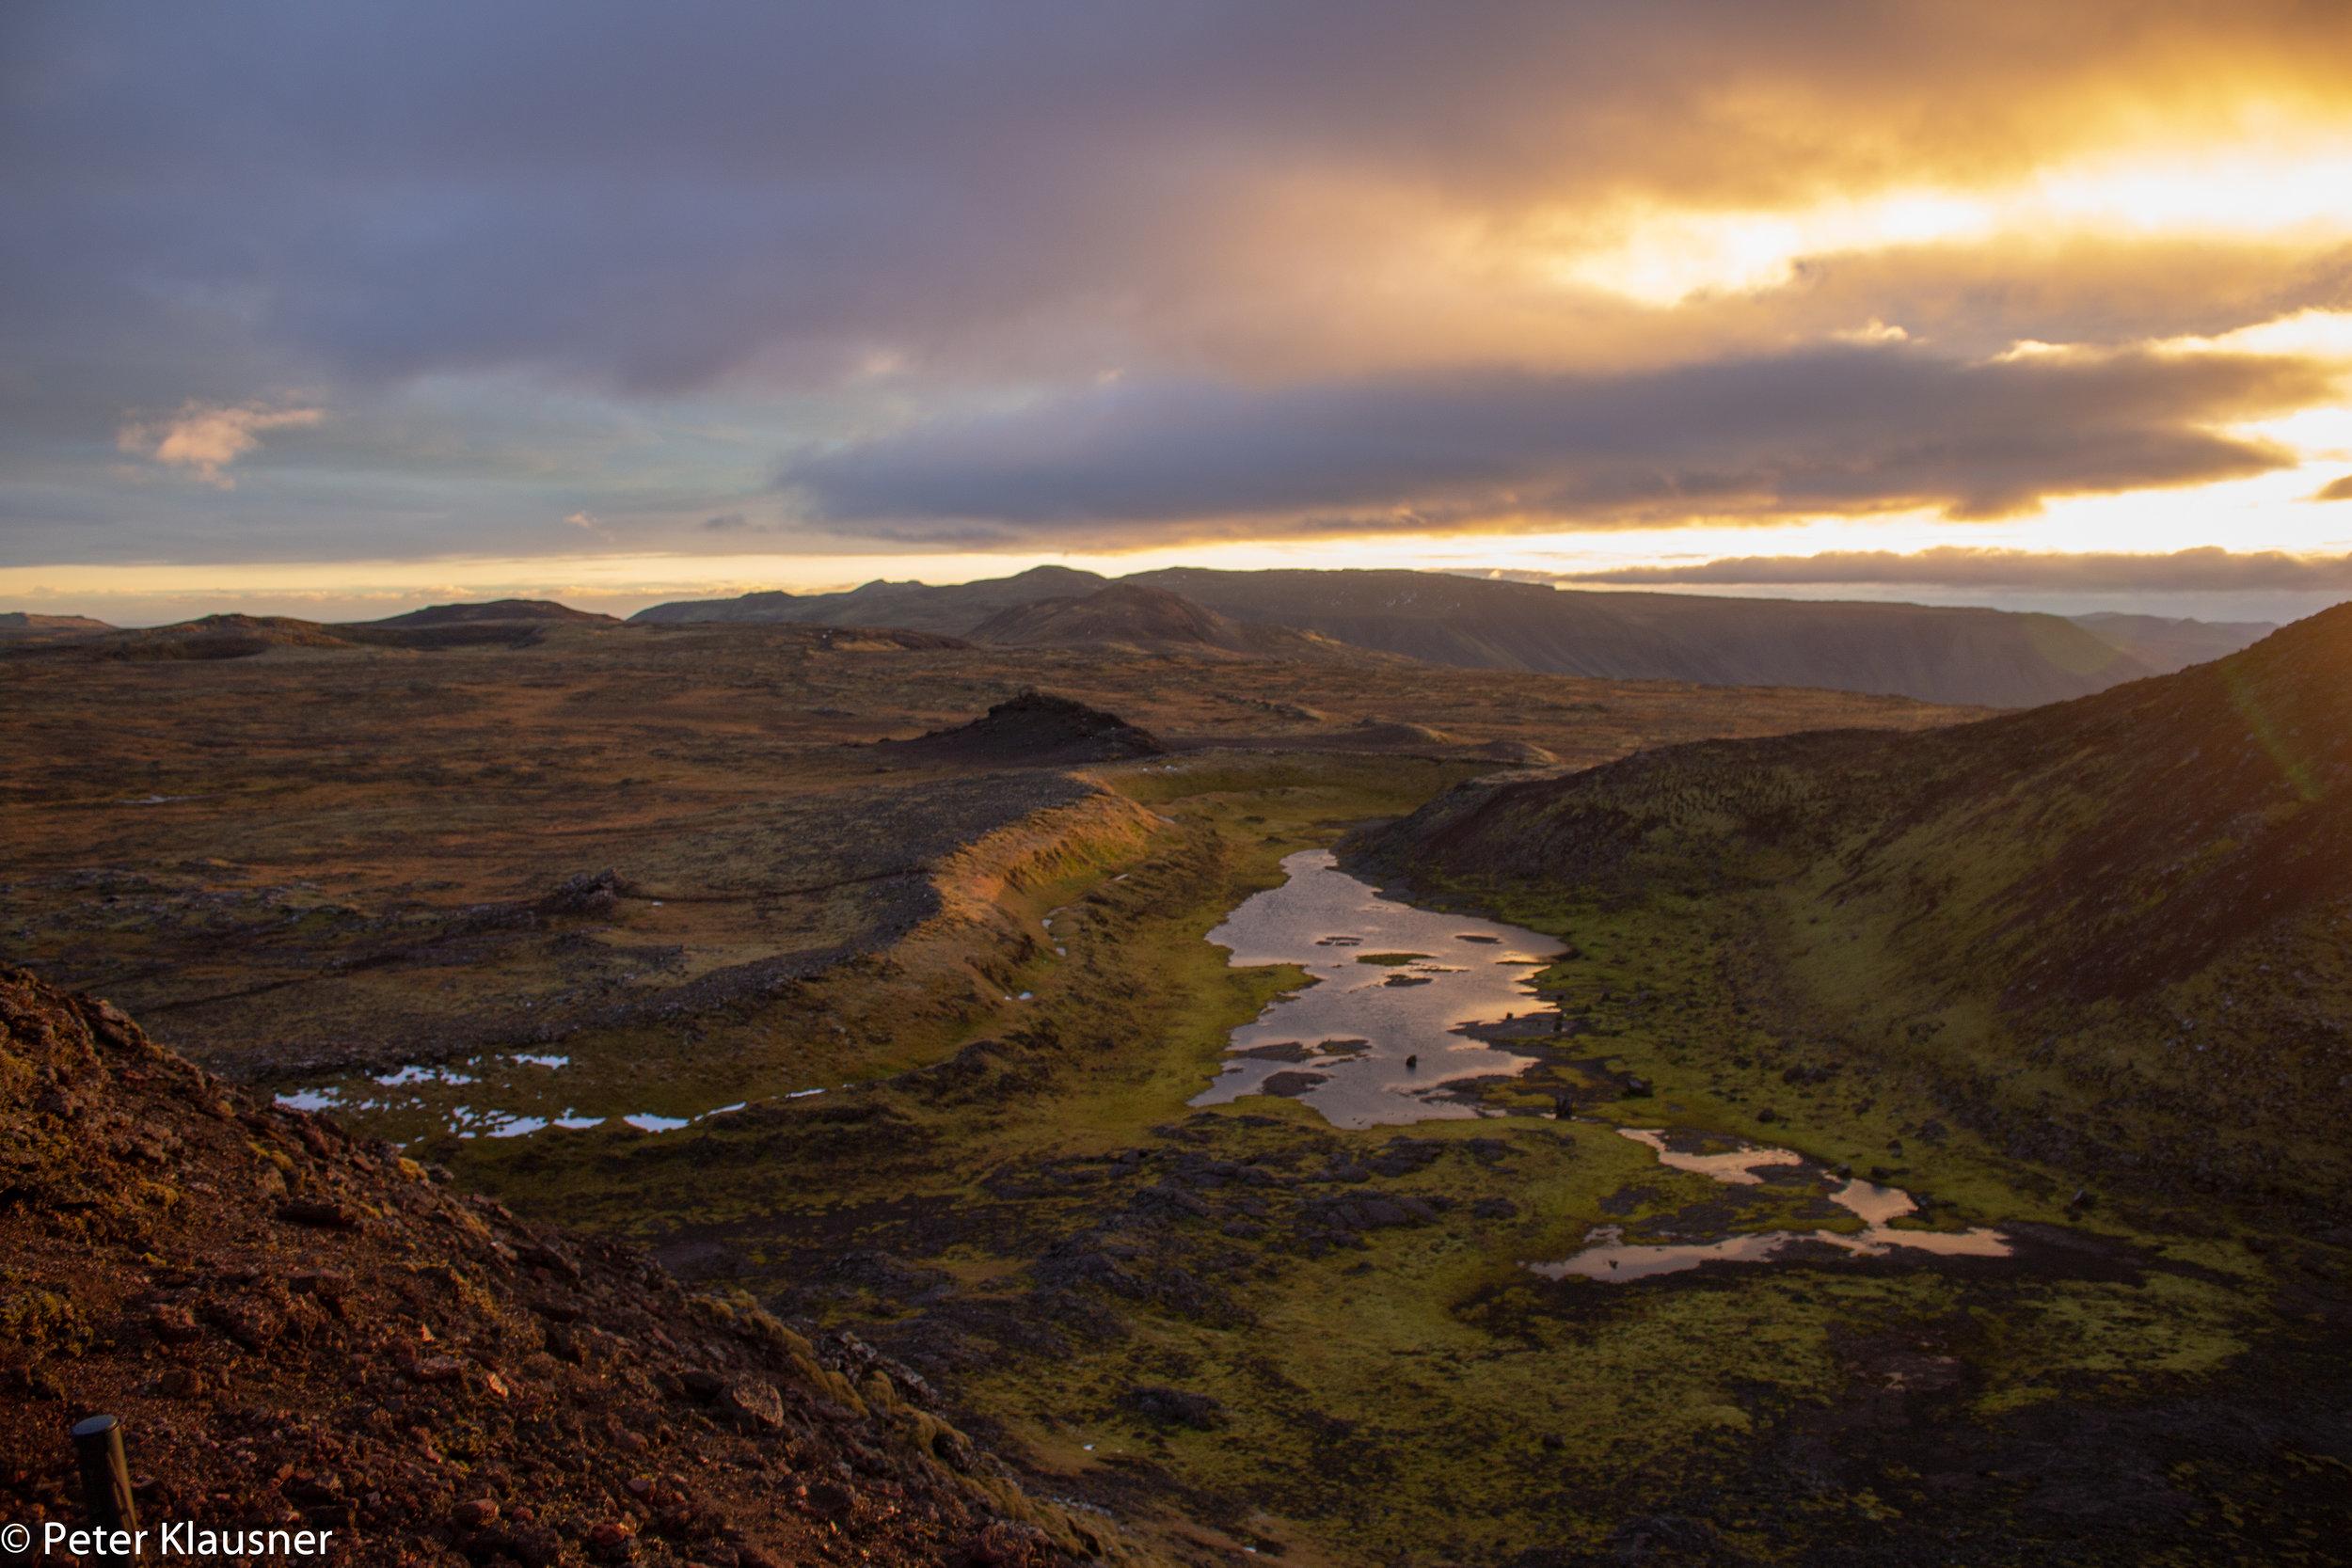 IcelandWebsite-12.jpg